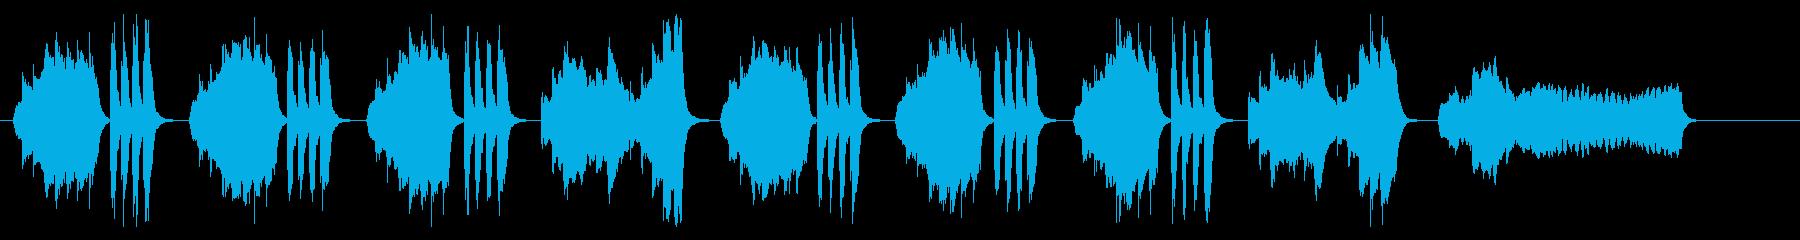 バイオリンの気だるげで退屈感のあるBGMの再生済みの波形